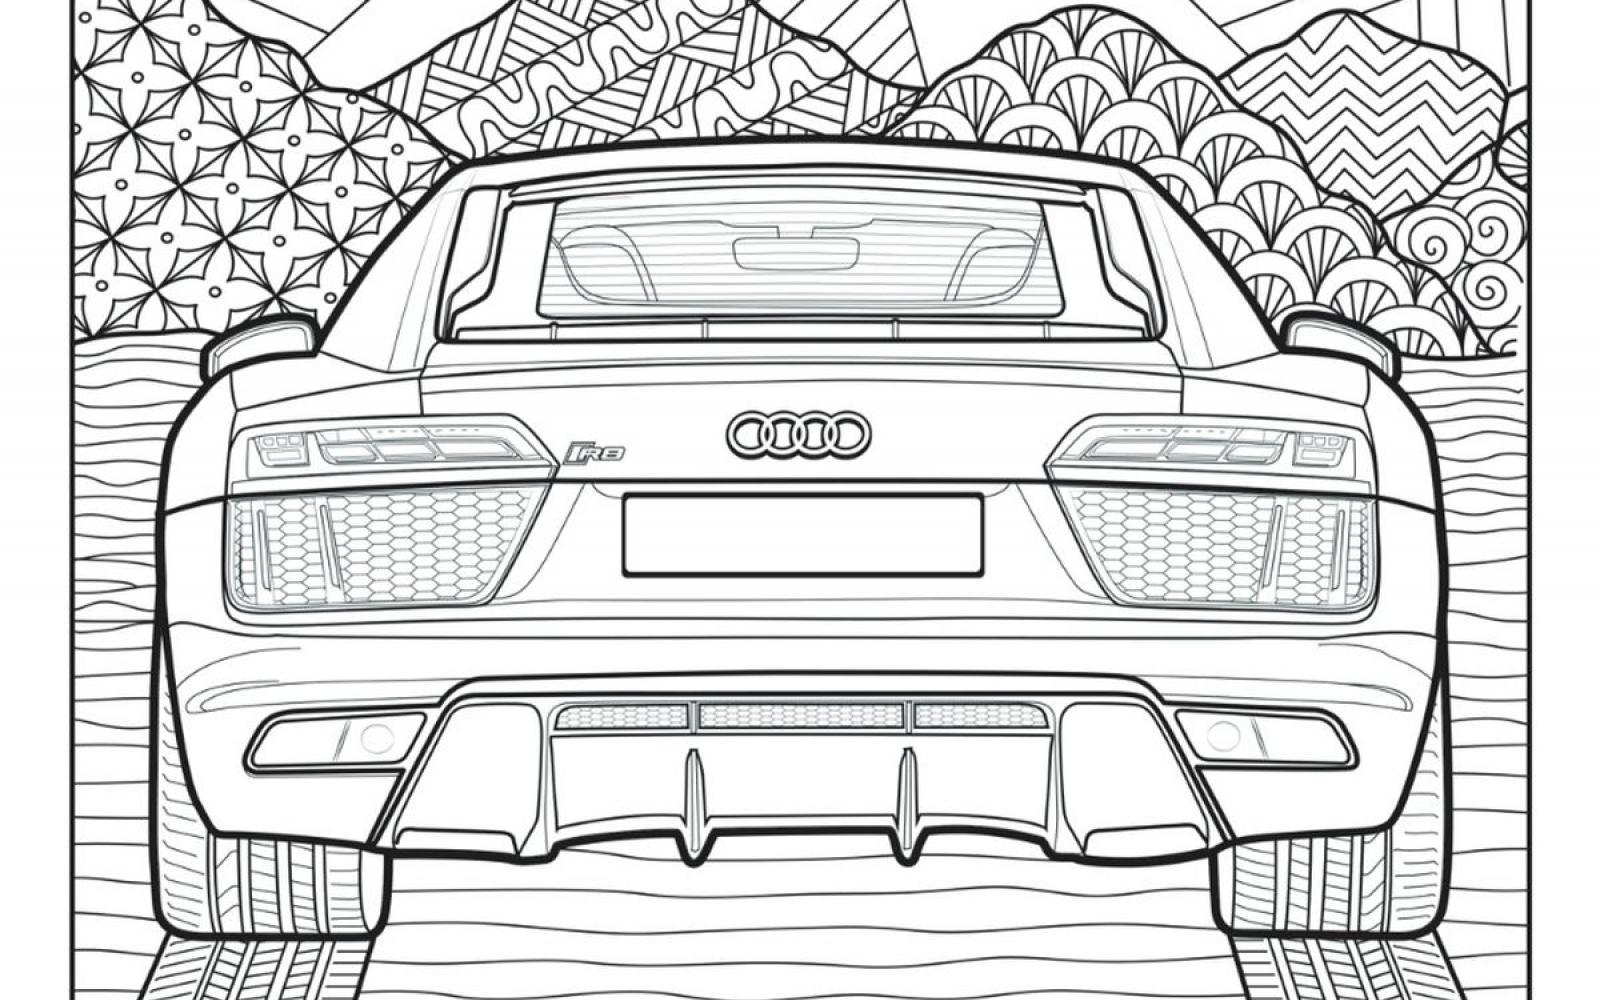 Pak aan! Audi gooit gratis kleurboek in de strijd tegen de verveling